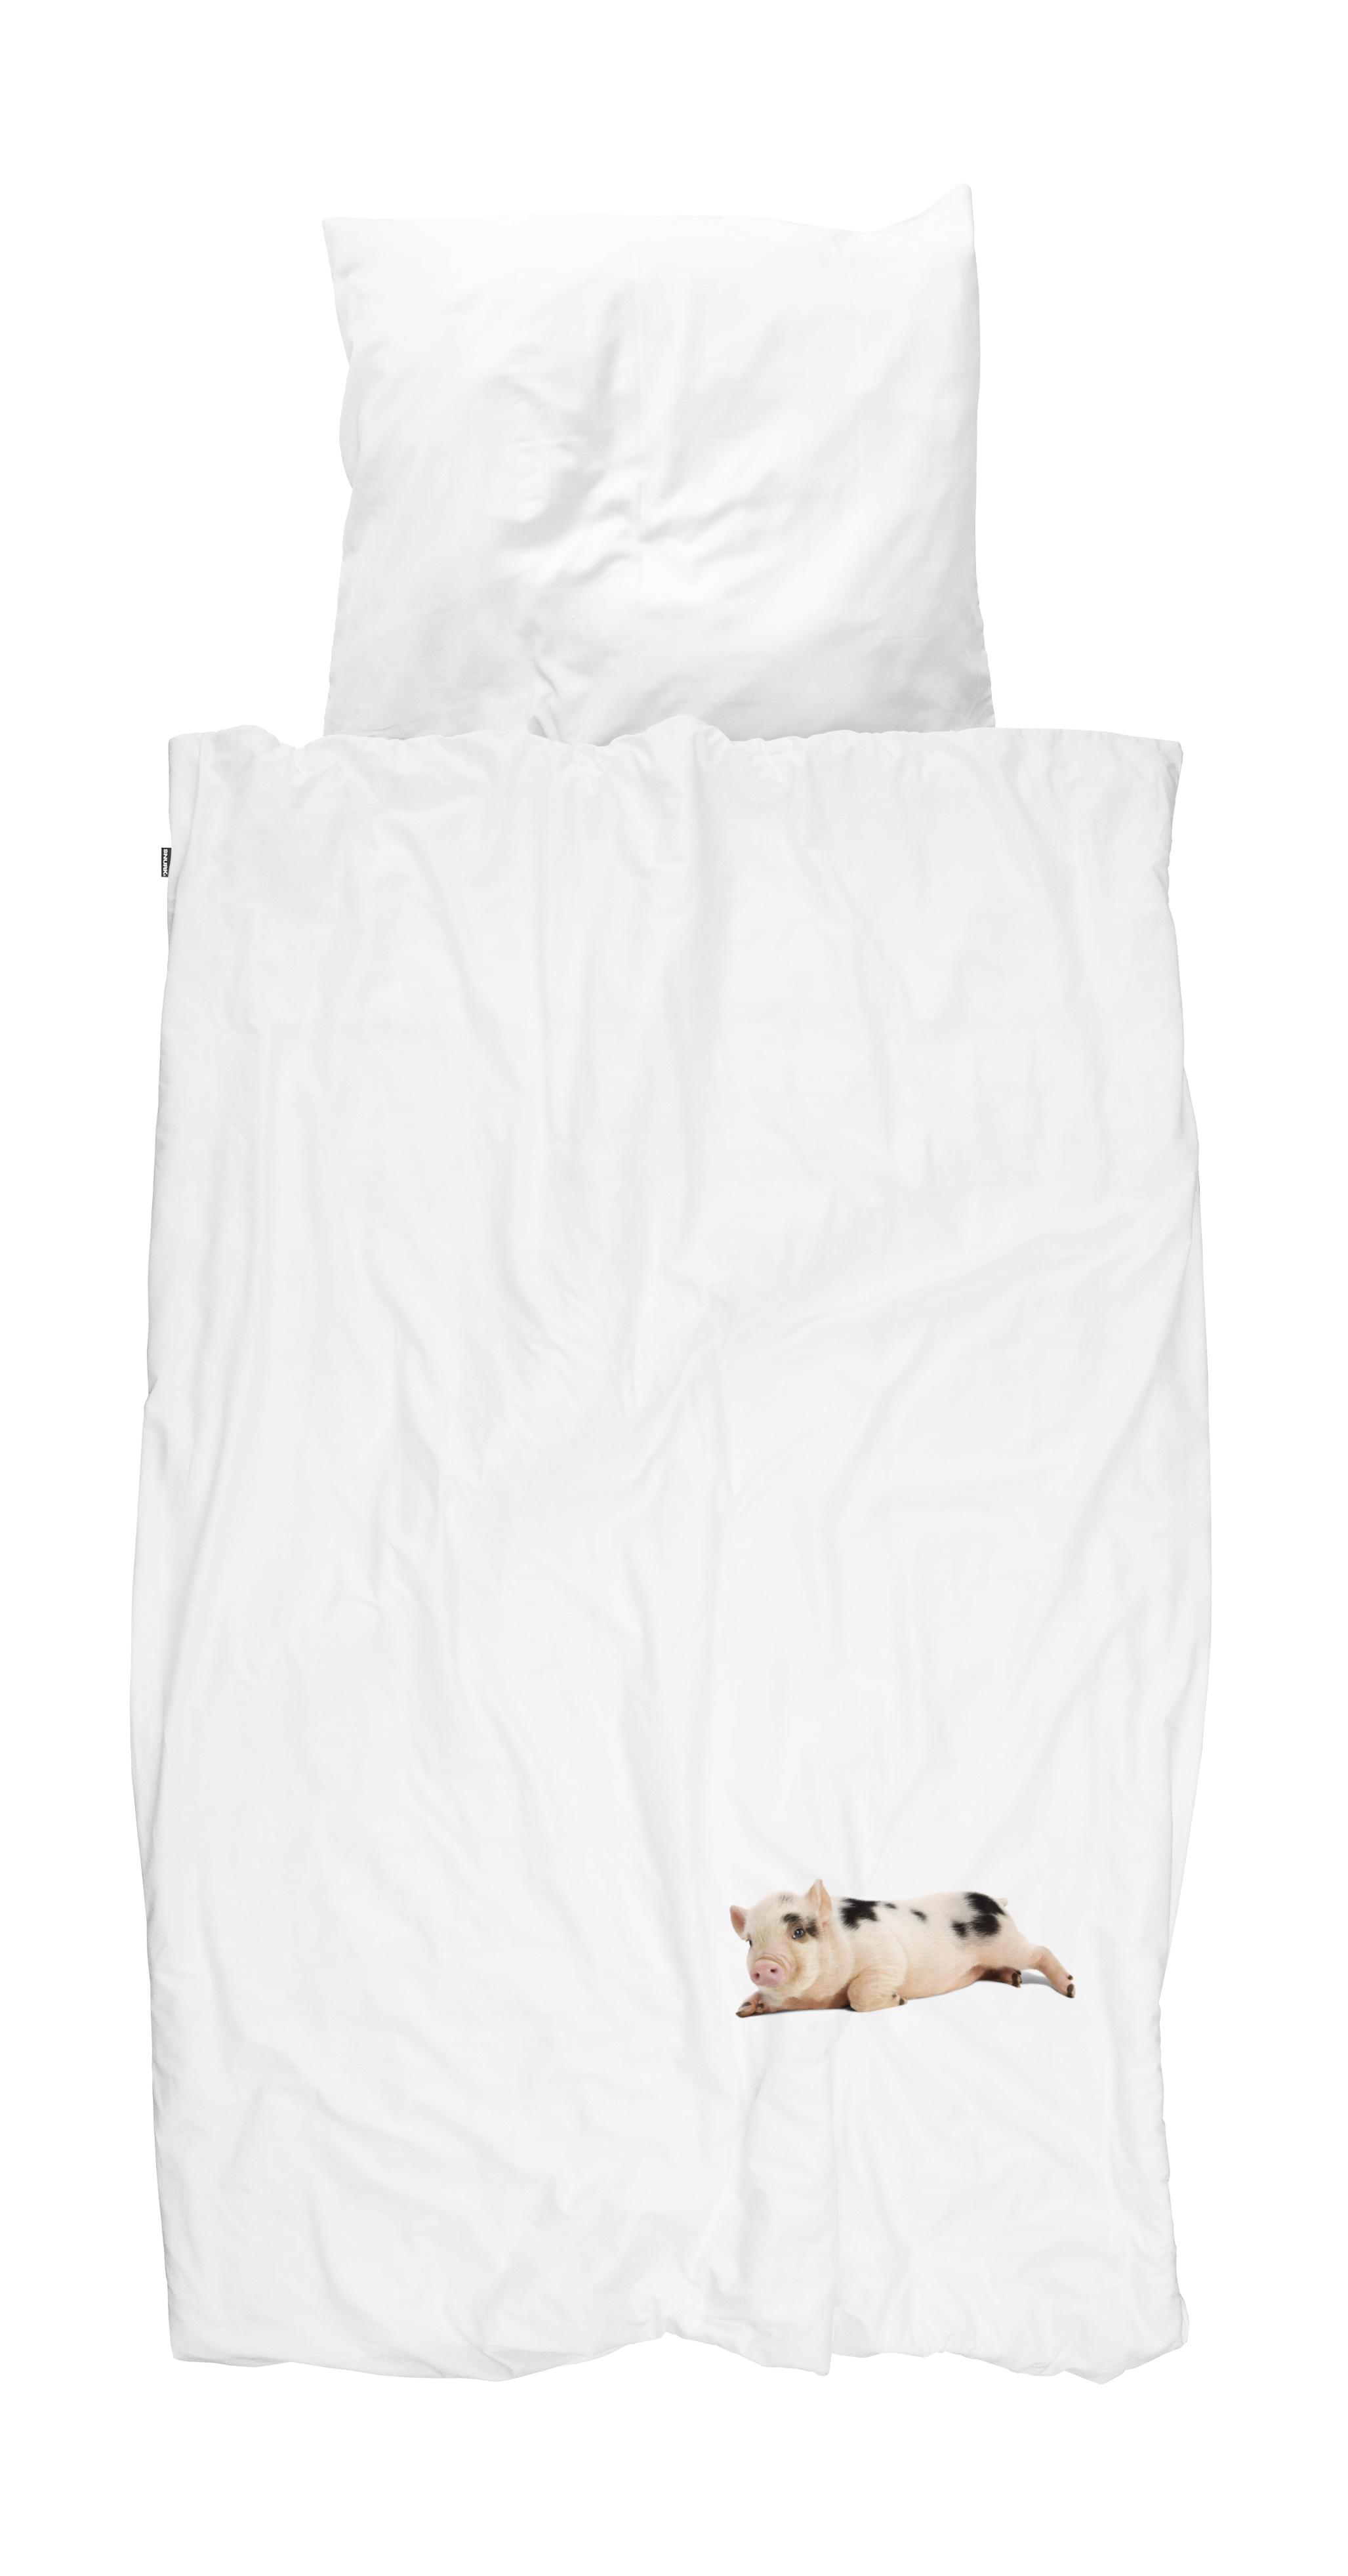 Купить Комплект постельного белья поросенок белый 150х200, inmyroom, Нидерланды